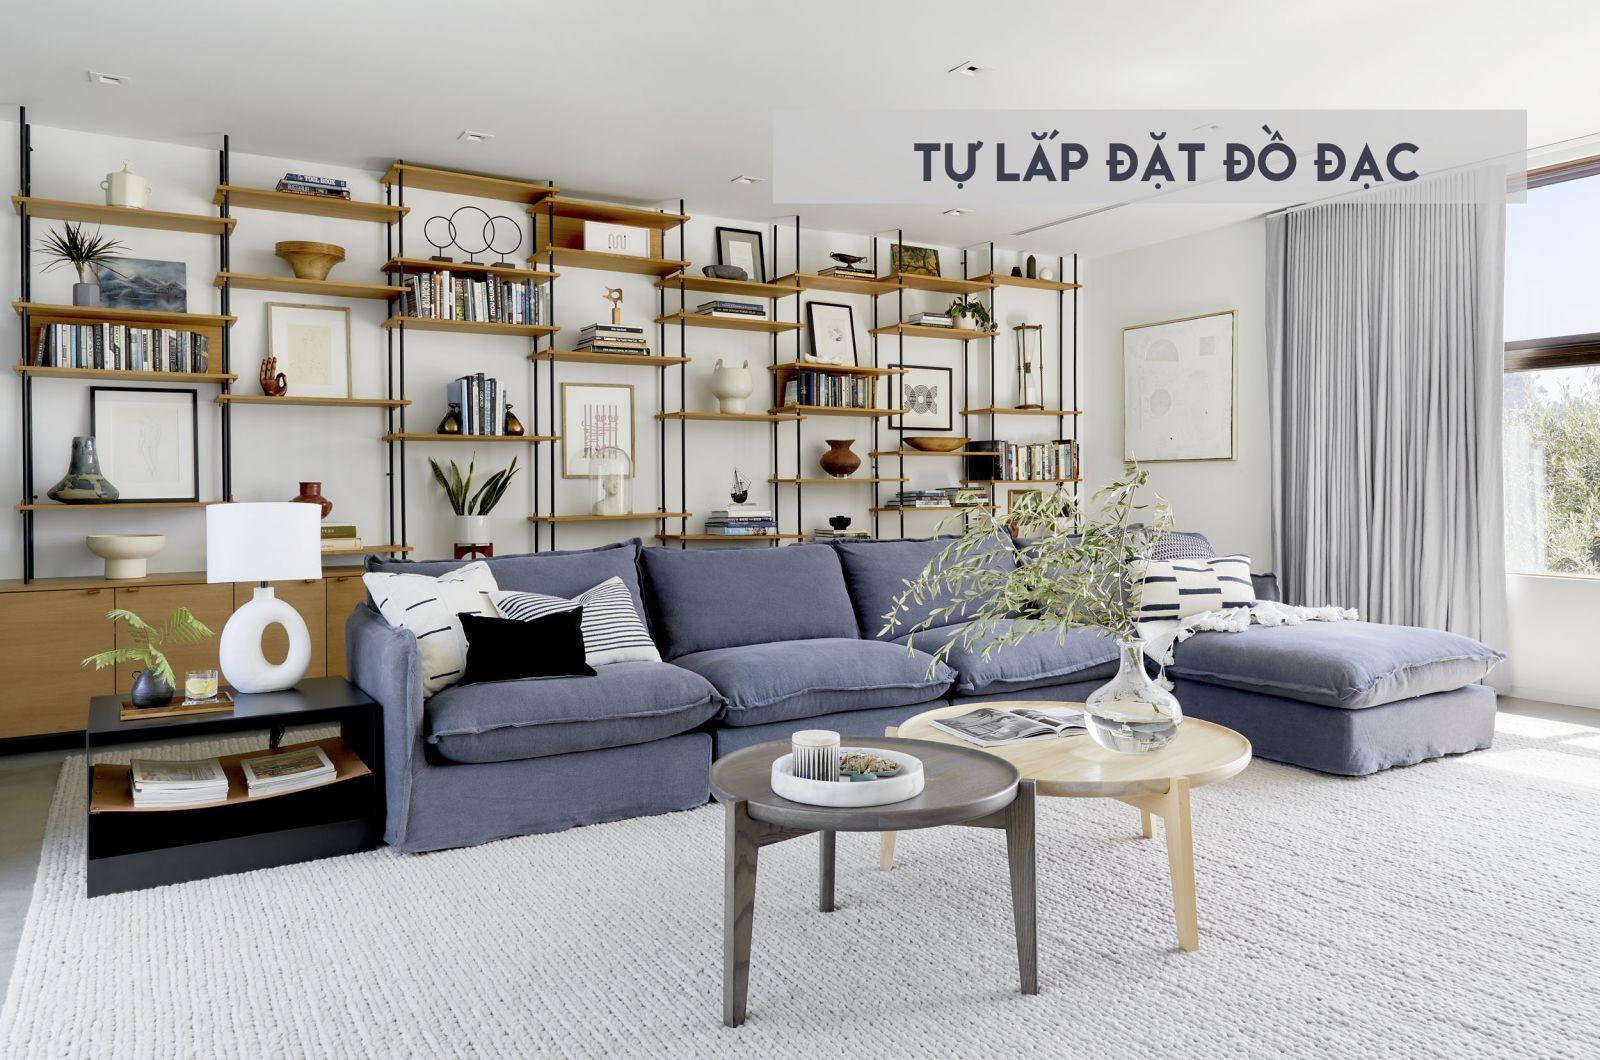 Tự lắp đặt đồ đạc trong nhà mà không cần kiến trúc sư nội thất